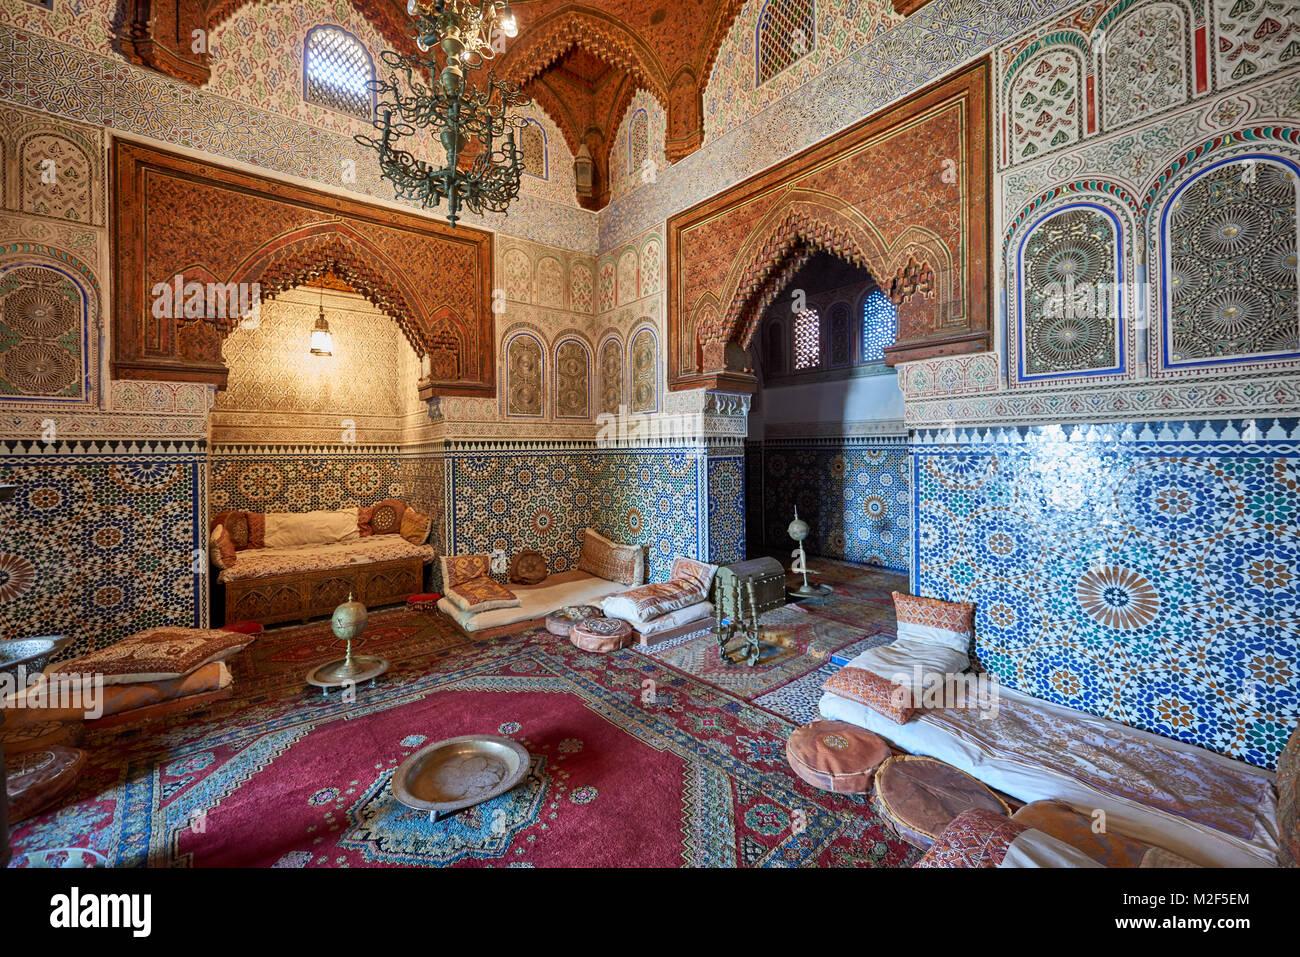 Interior foto de hermosa arquitectura morisca y del interior en el Museo Dar Jamai, Meknes, Marruecos, África Foto de stock